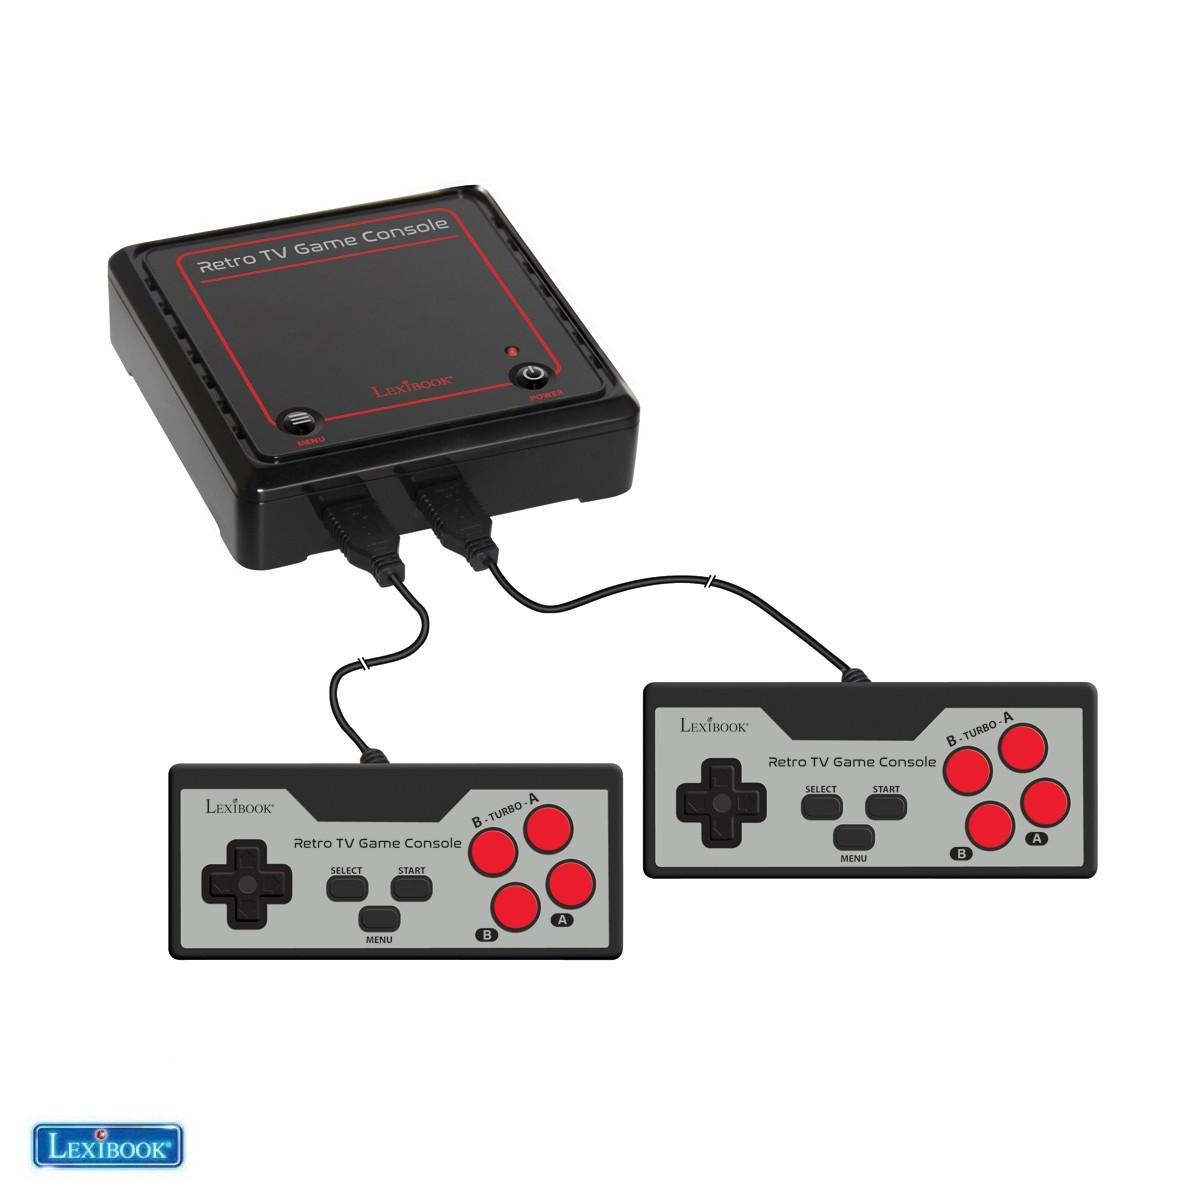 Console de jeux TV Plug N'Play avec 300 jeux - Lexibook JG7800